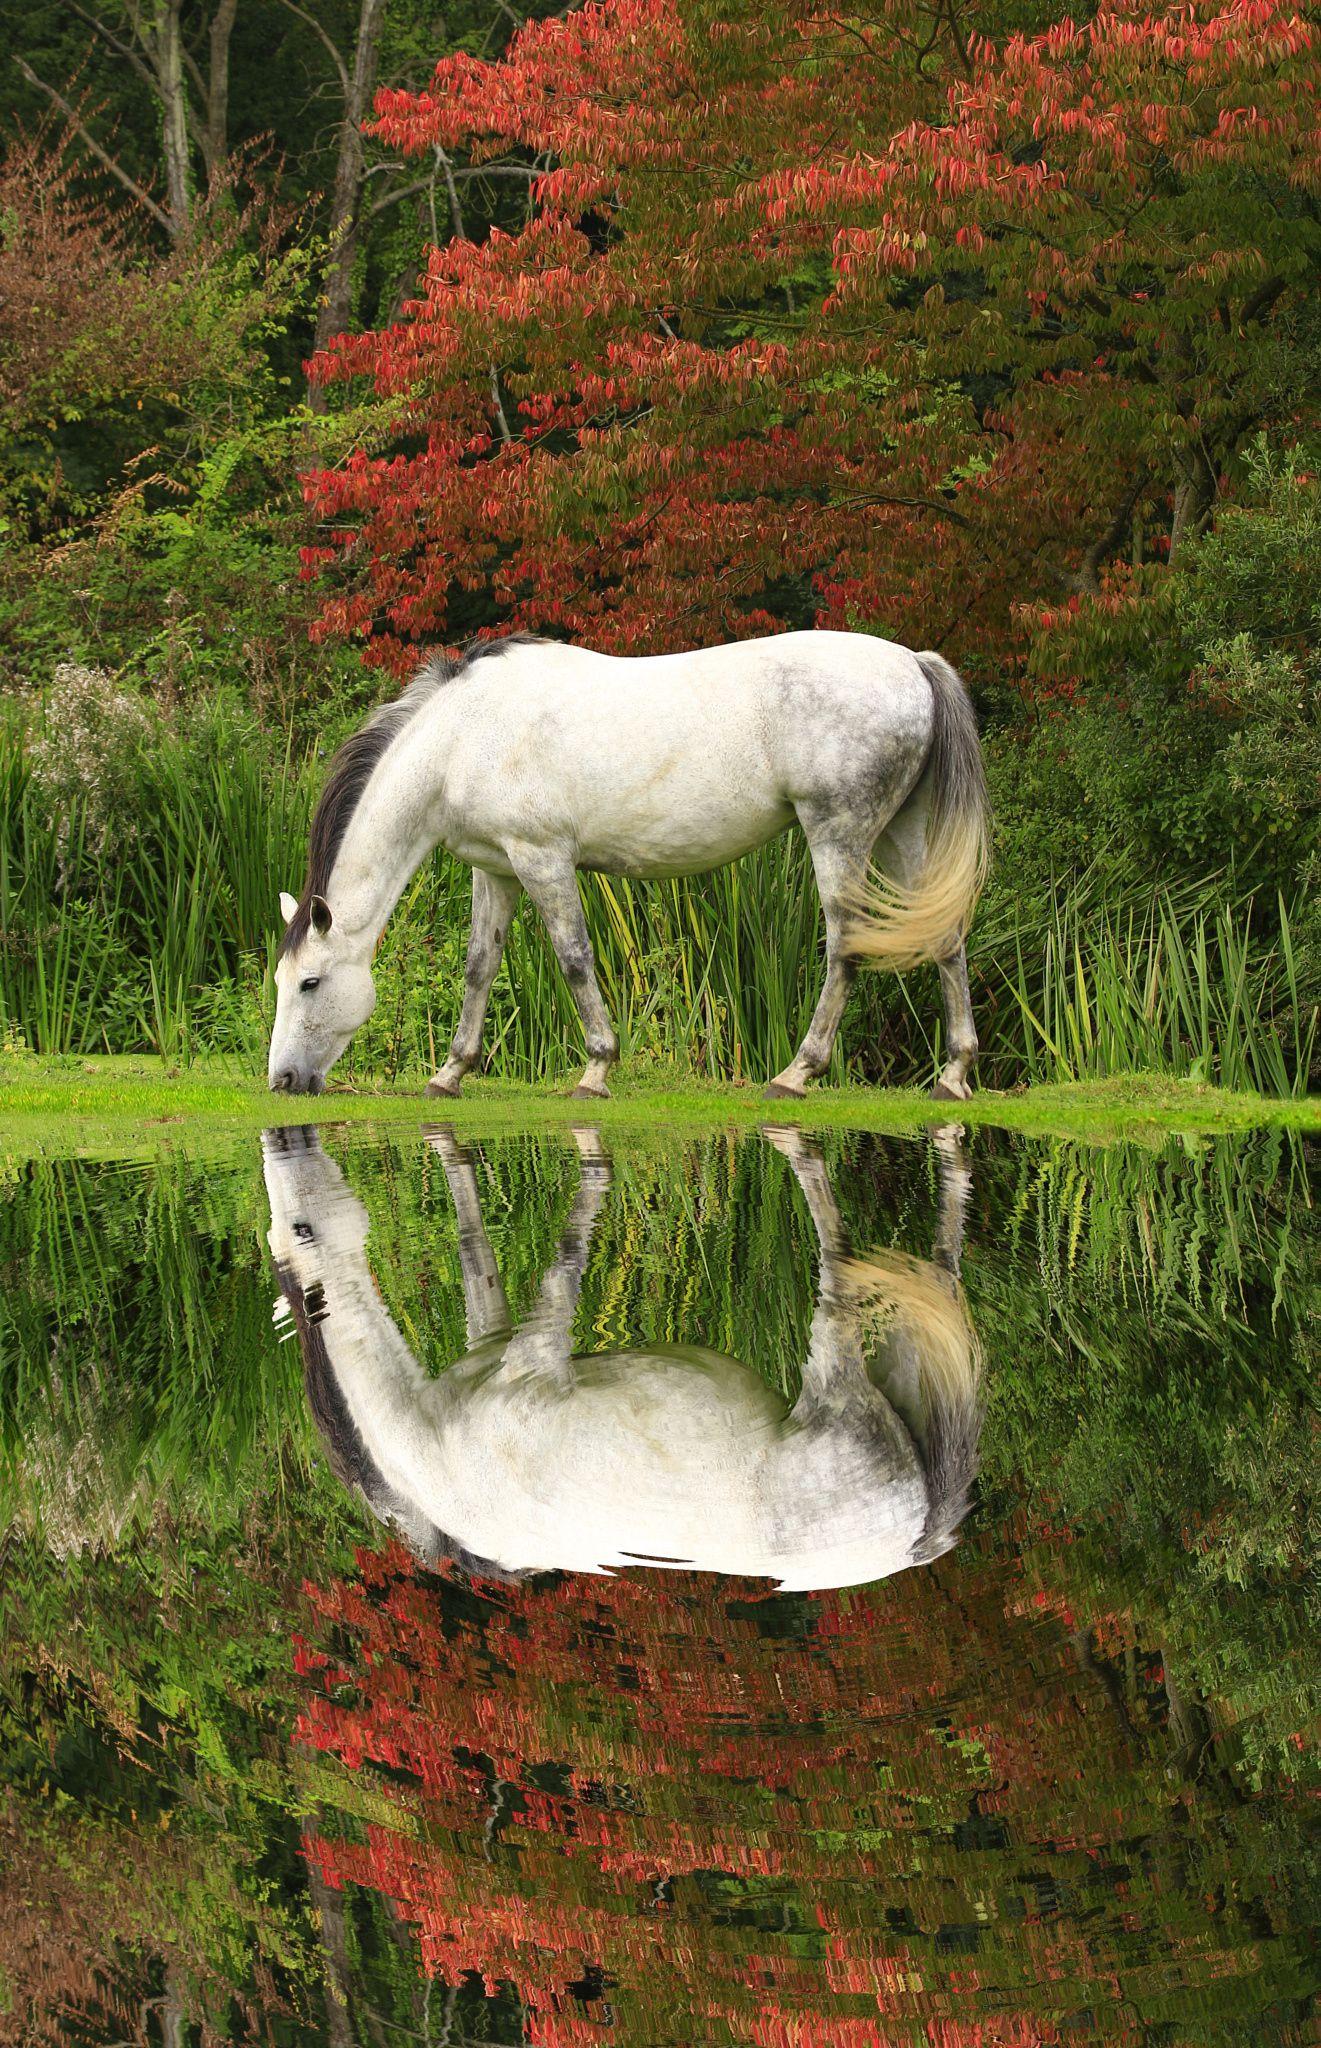 Beautiful reflection!